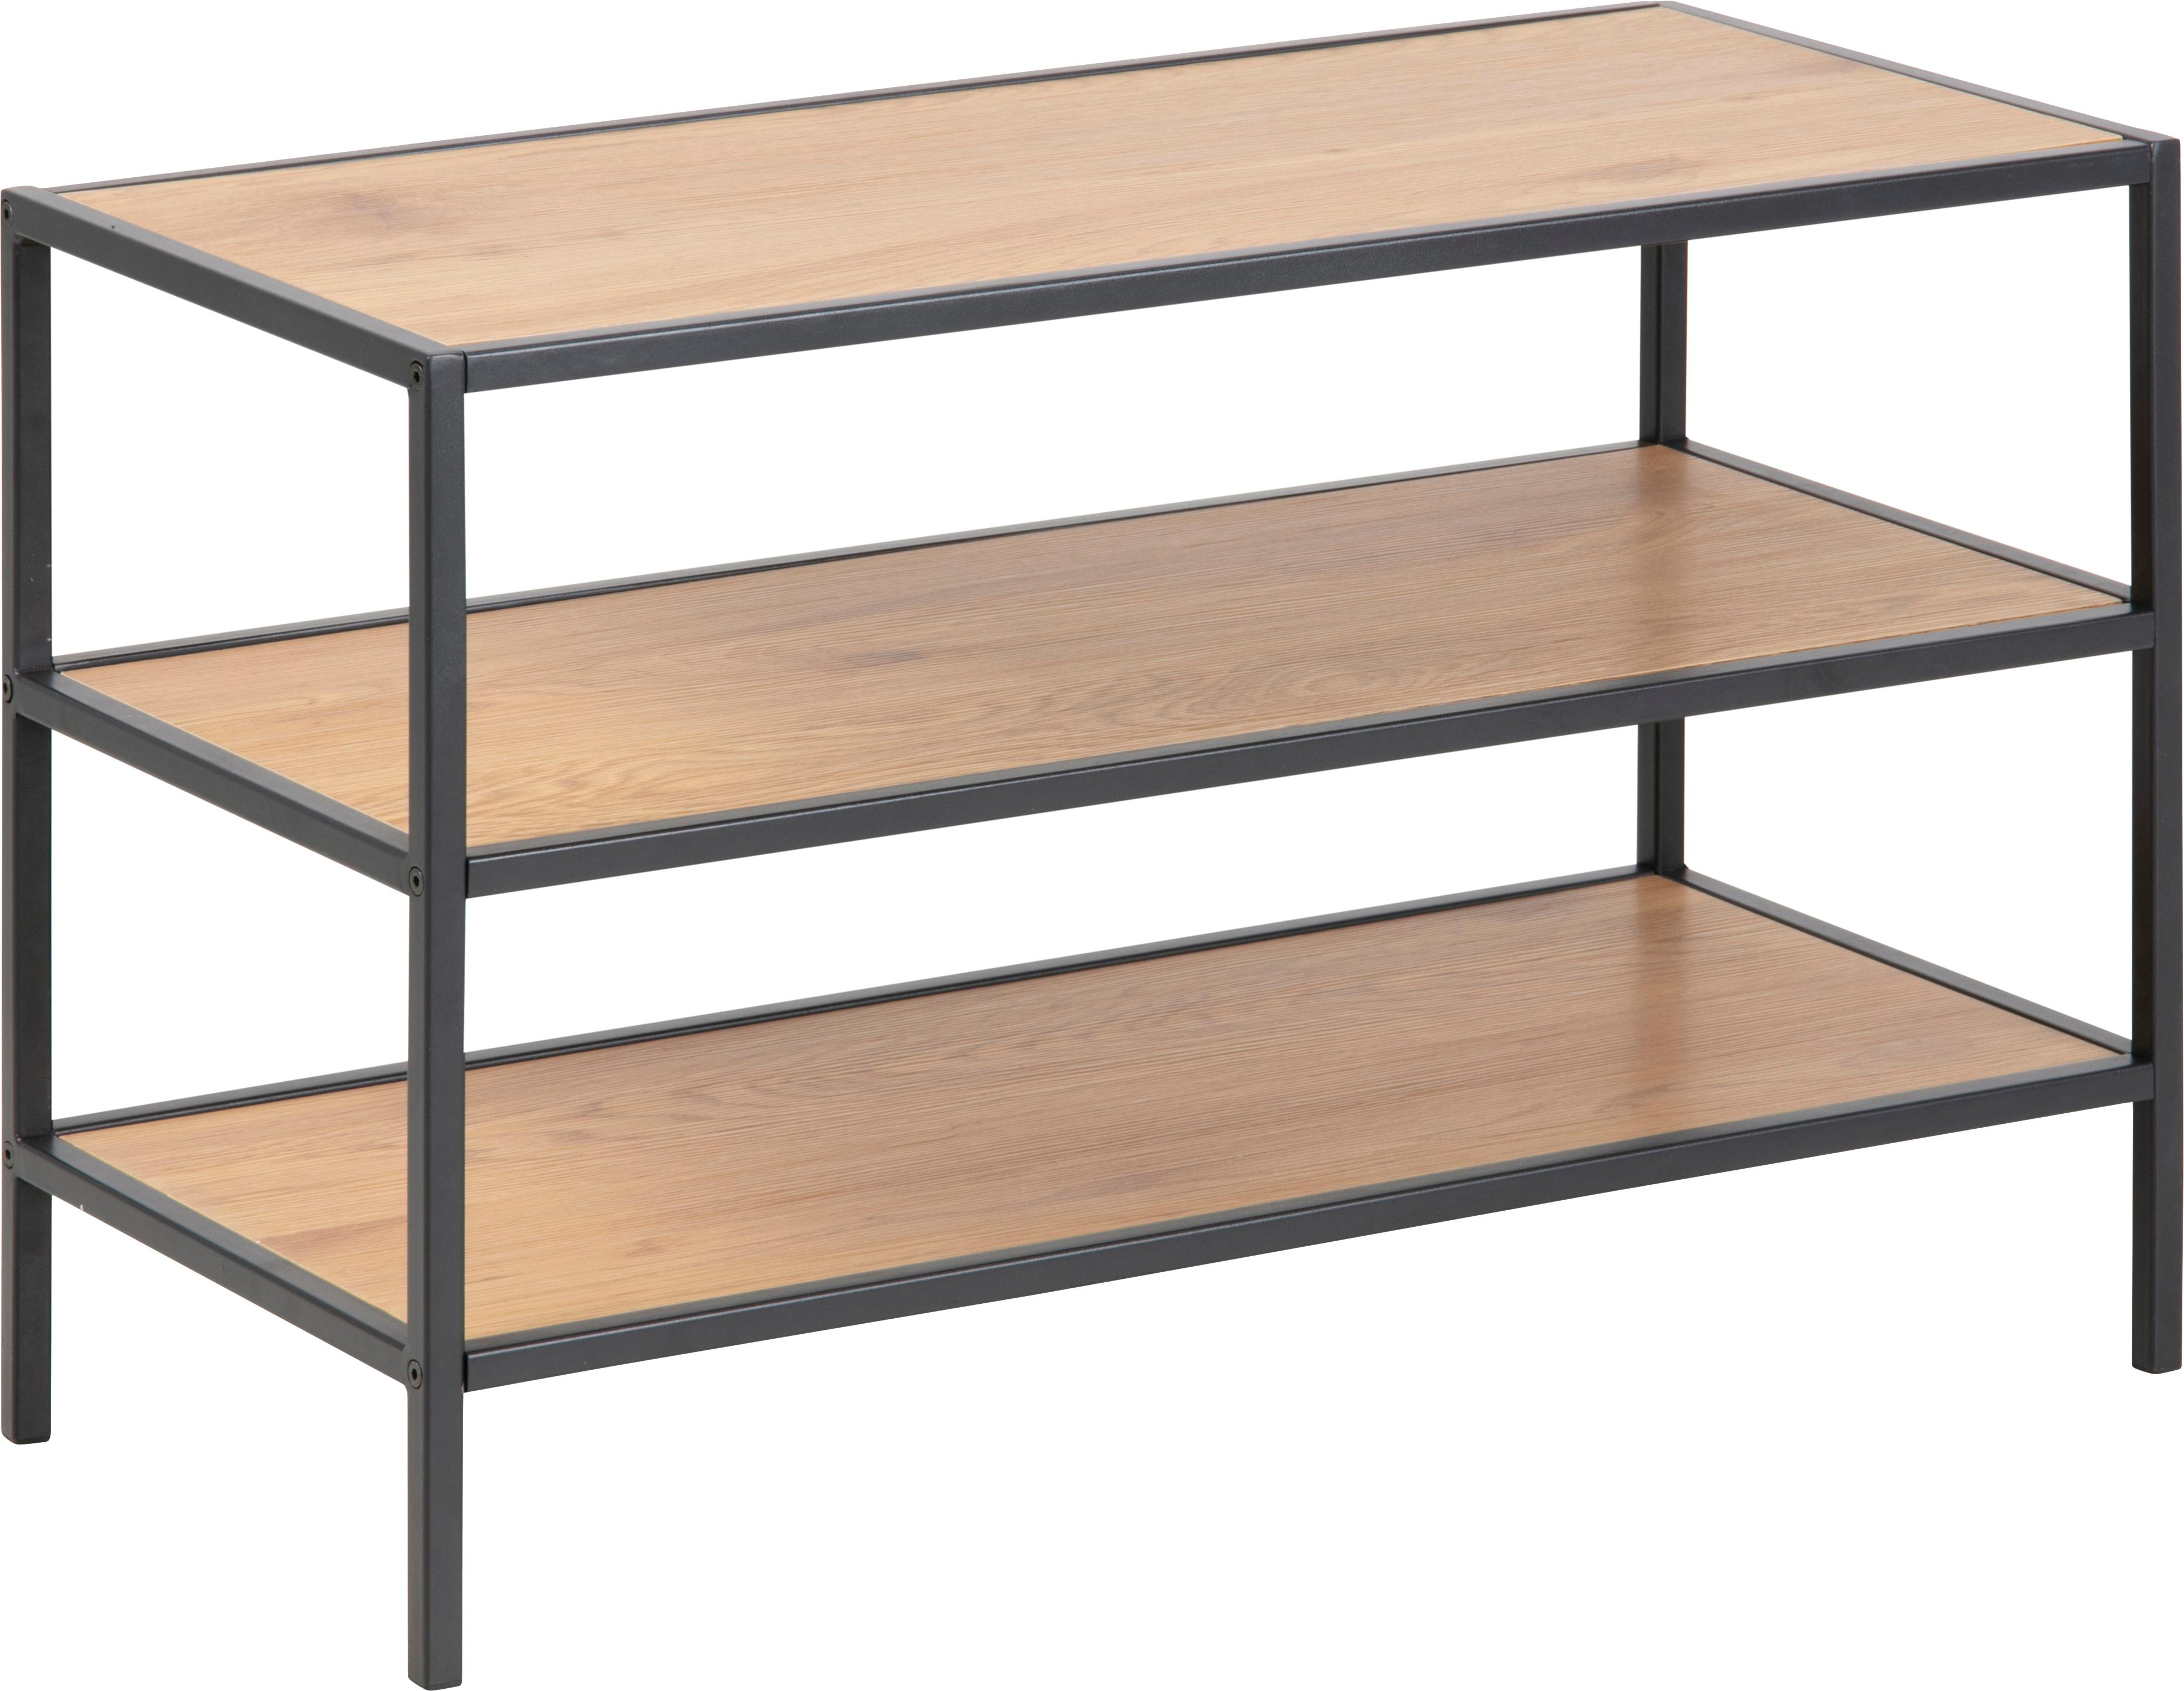 Schoenenrek Seaford van hout en metaal, Plank: MDF (medium-density fibre, Frame: gepoedercoat metaal, Wild eikenhout, 77 x 50 cm